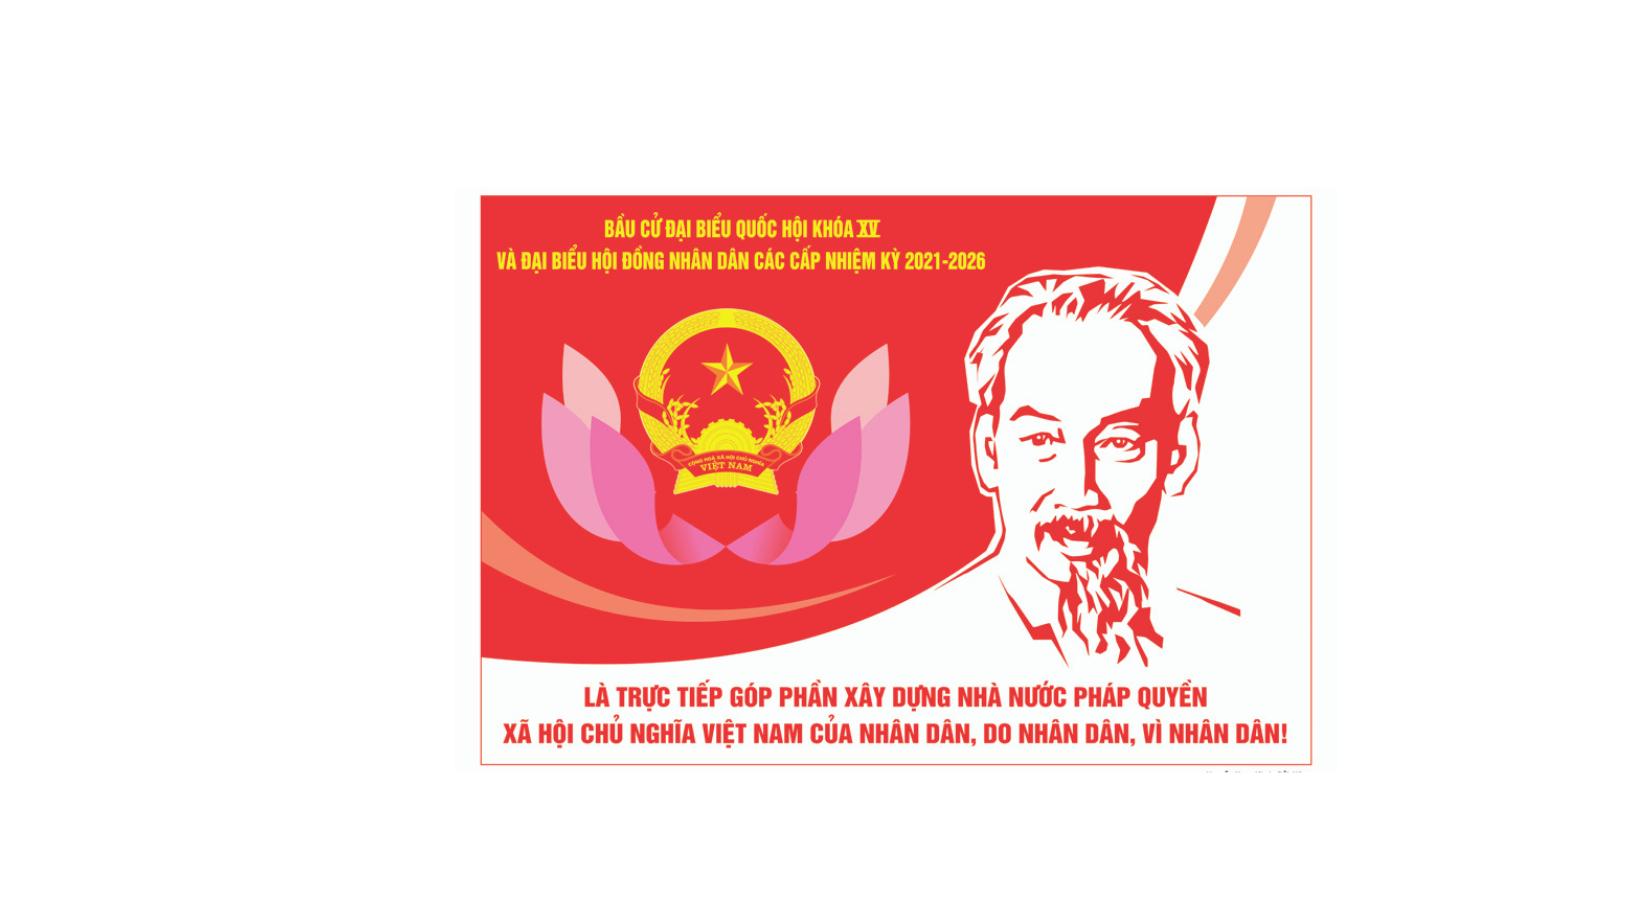 Một số khẩu hiệu tuyên truyền về bầu cử Đại biểu Quốc hội khóa XV và Đại biểu Hội đồng nhân dân các cấp nhiệm kỳ 2021 – 2026